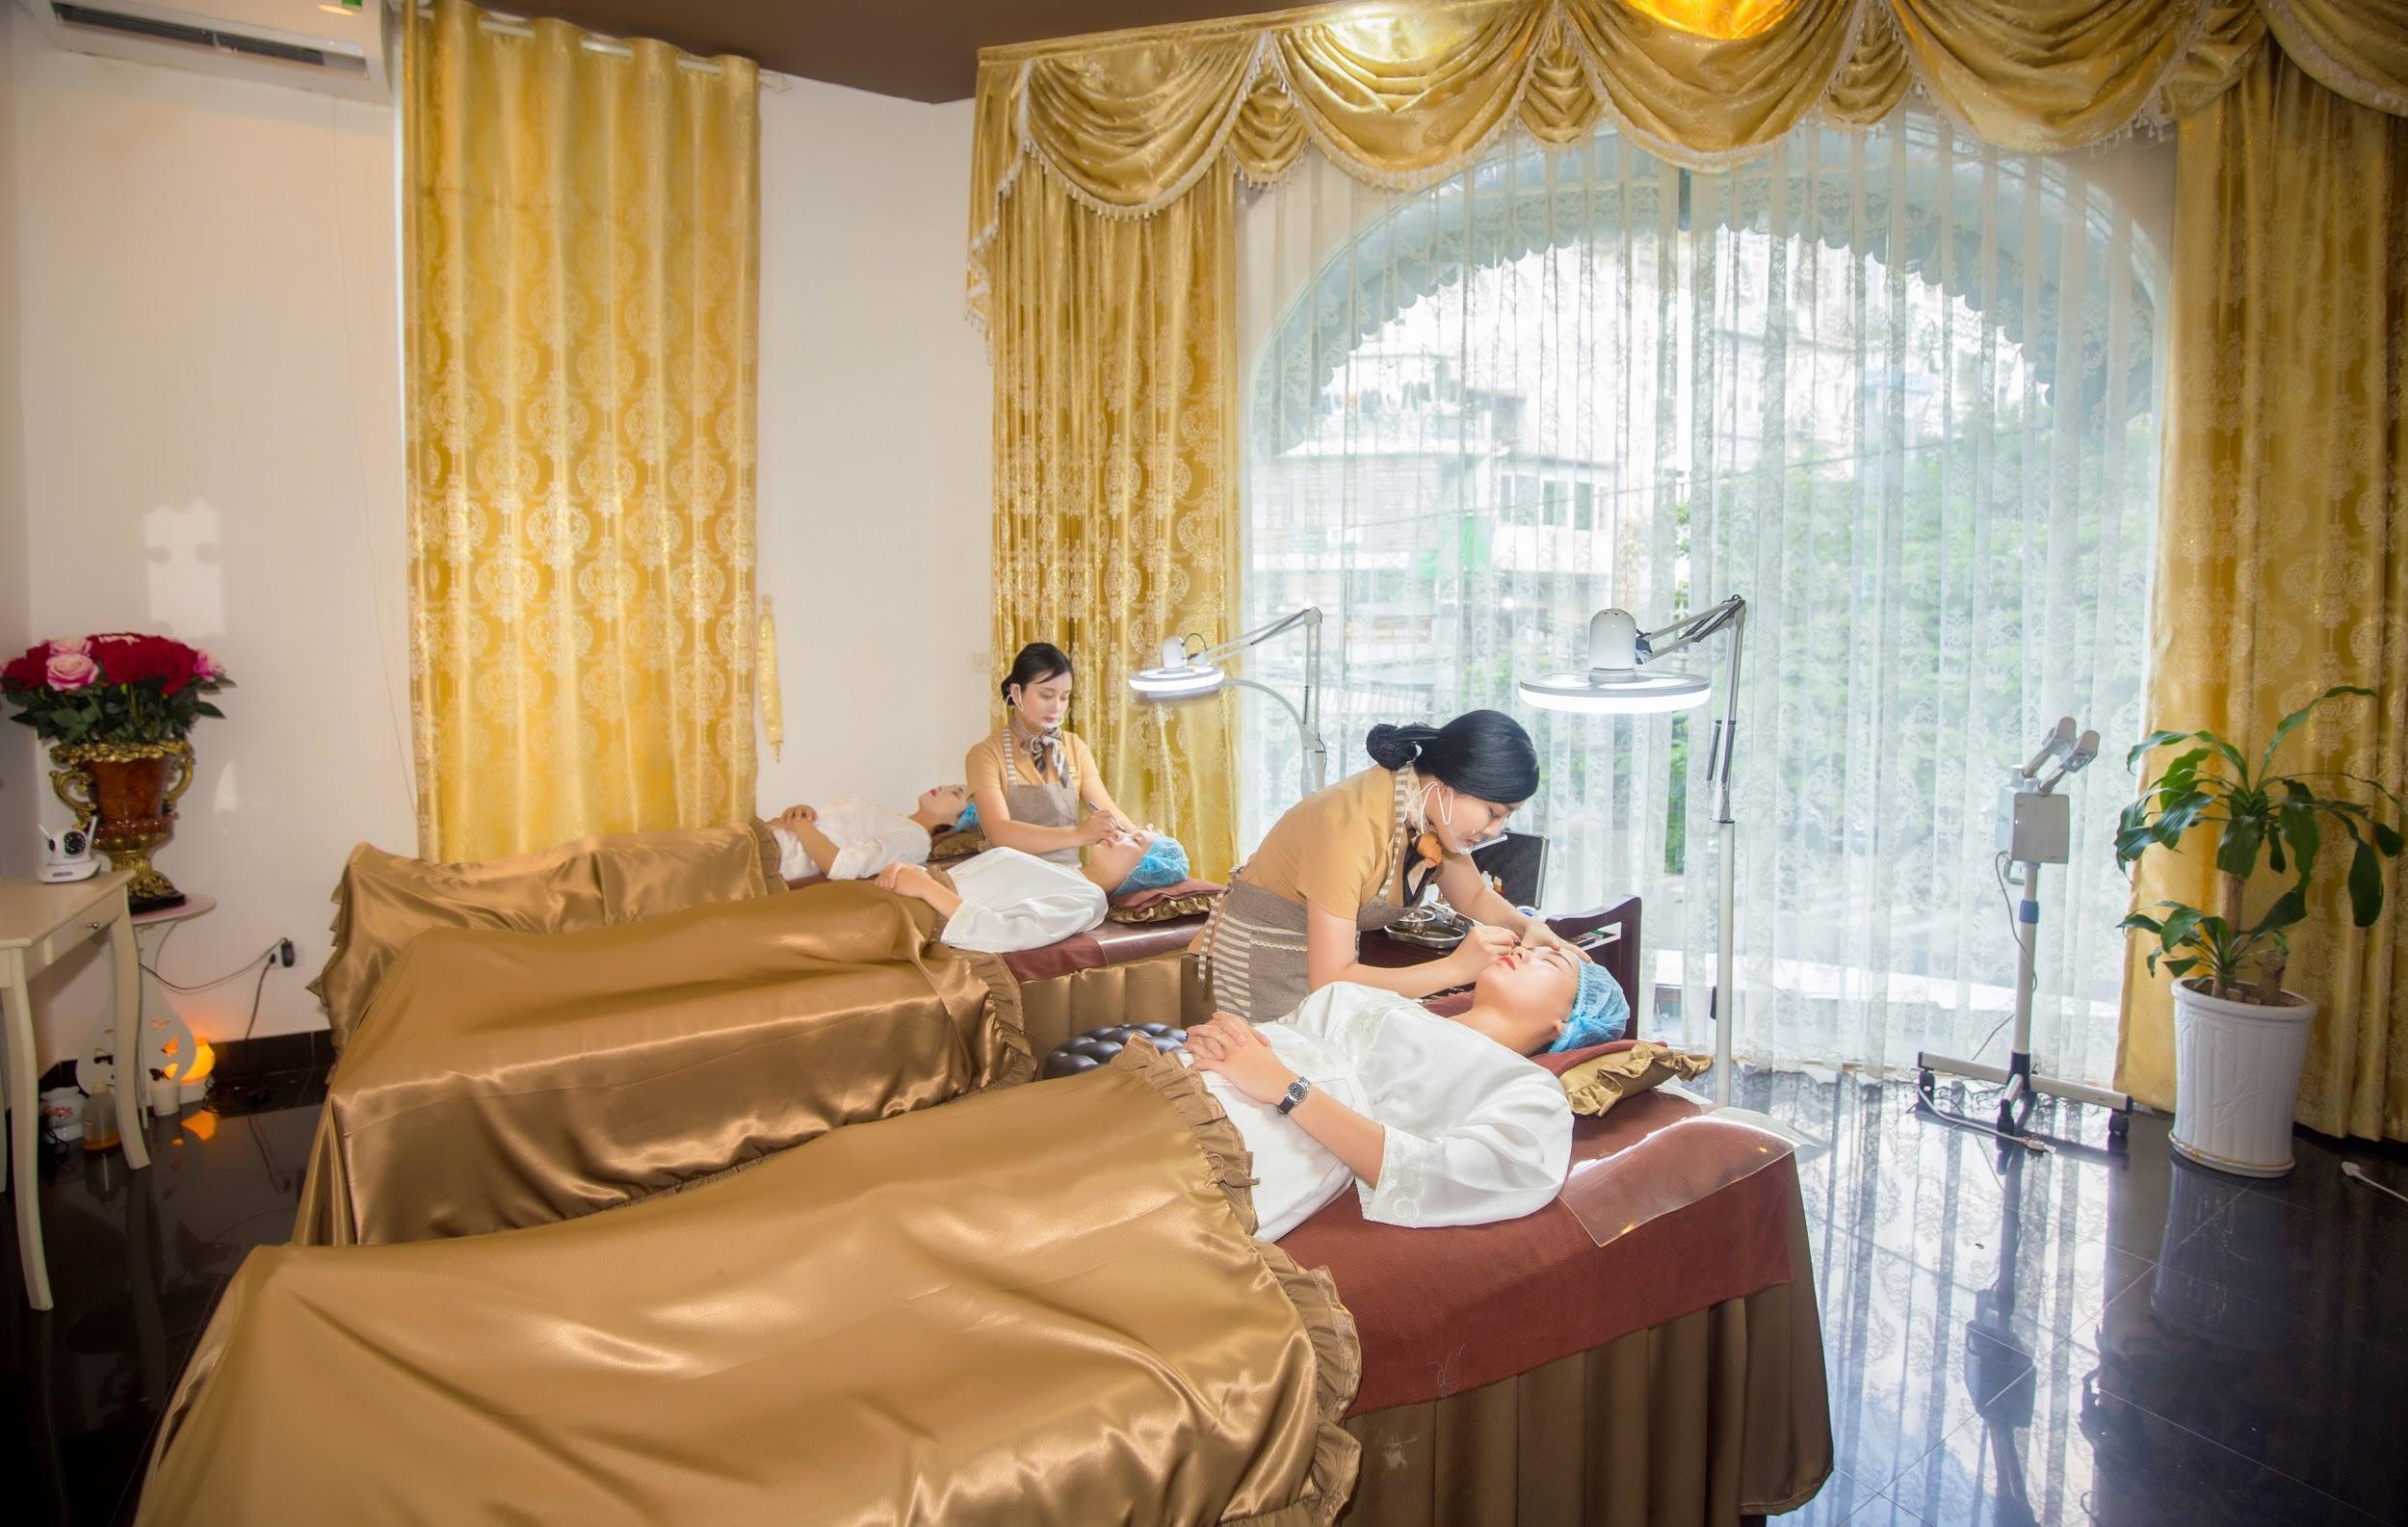 Ngắm quy mô thẩm mỹ viện Beauty Center, địa chỉ làm đẹp uy tín của sao Việt - Ảnh 7.